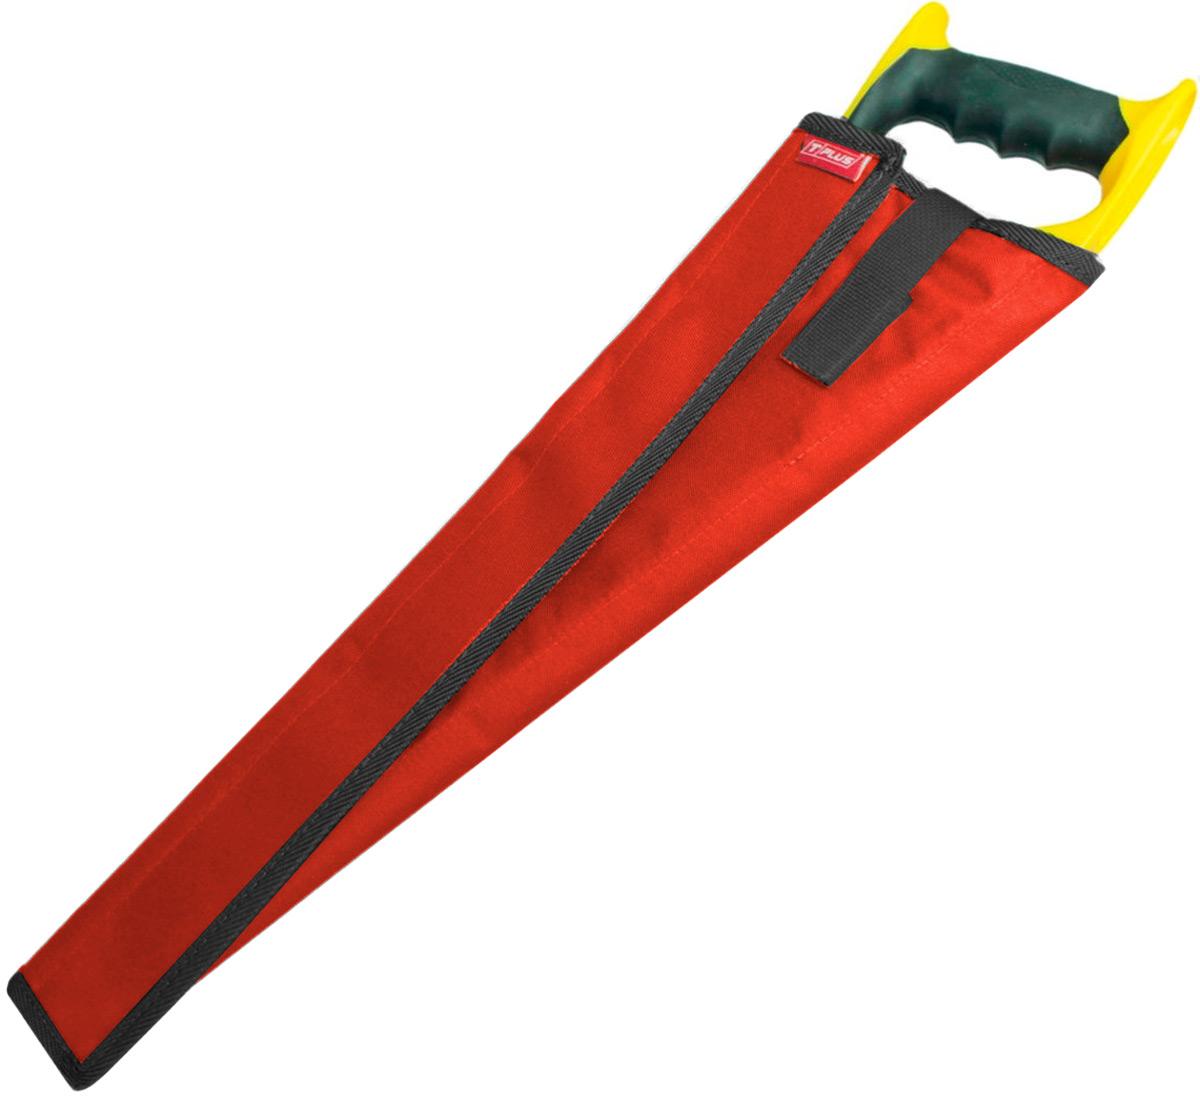 Чехол для ножовки Tplus, оксфорд 600, цвет: красный, 40 см